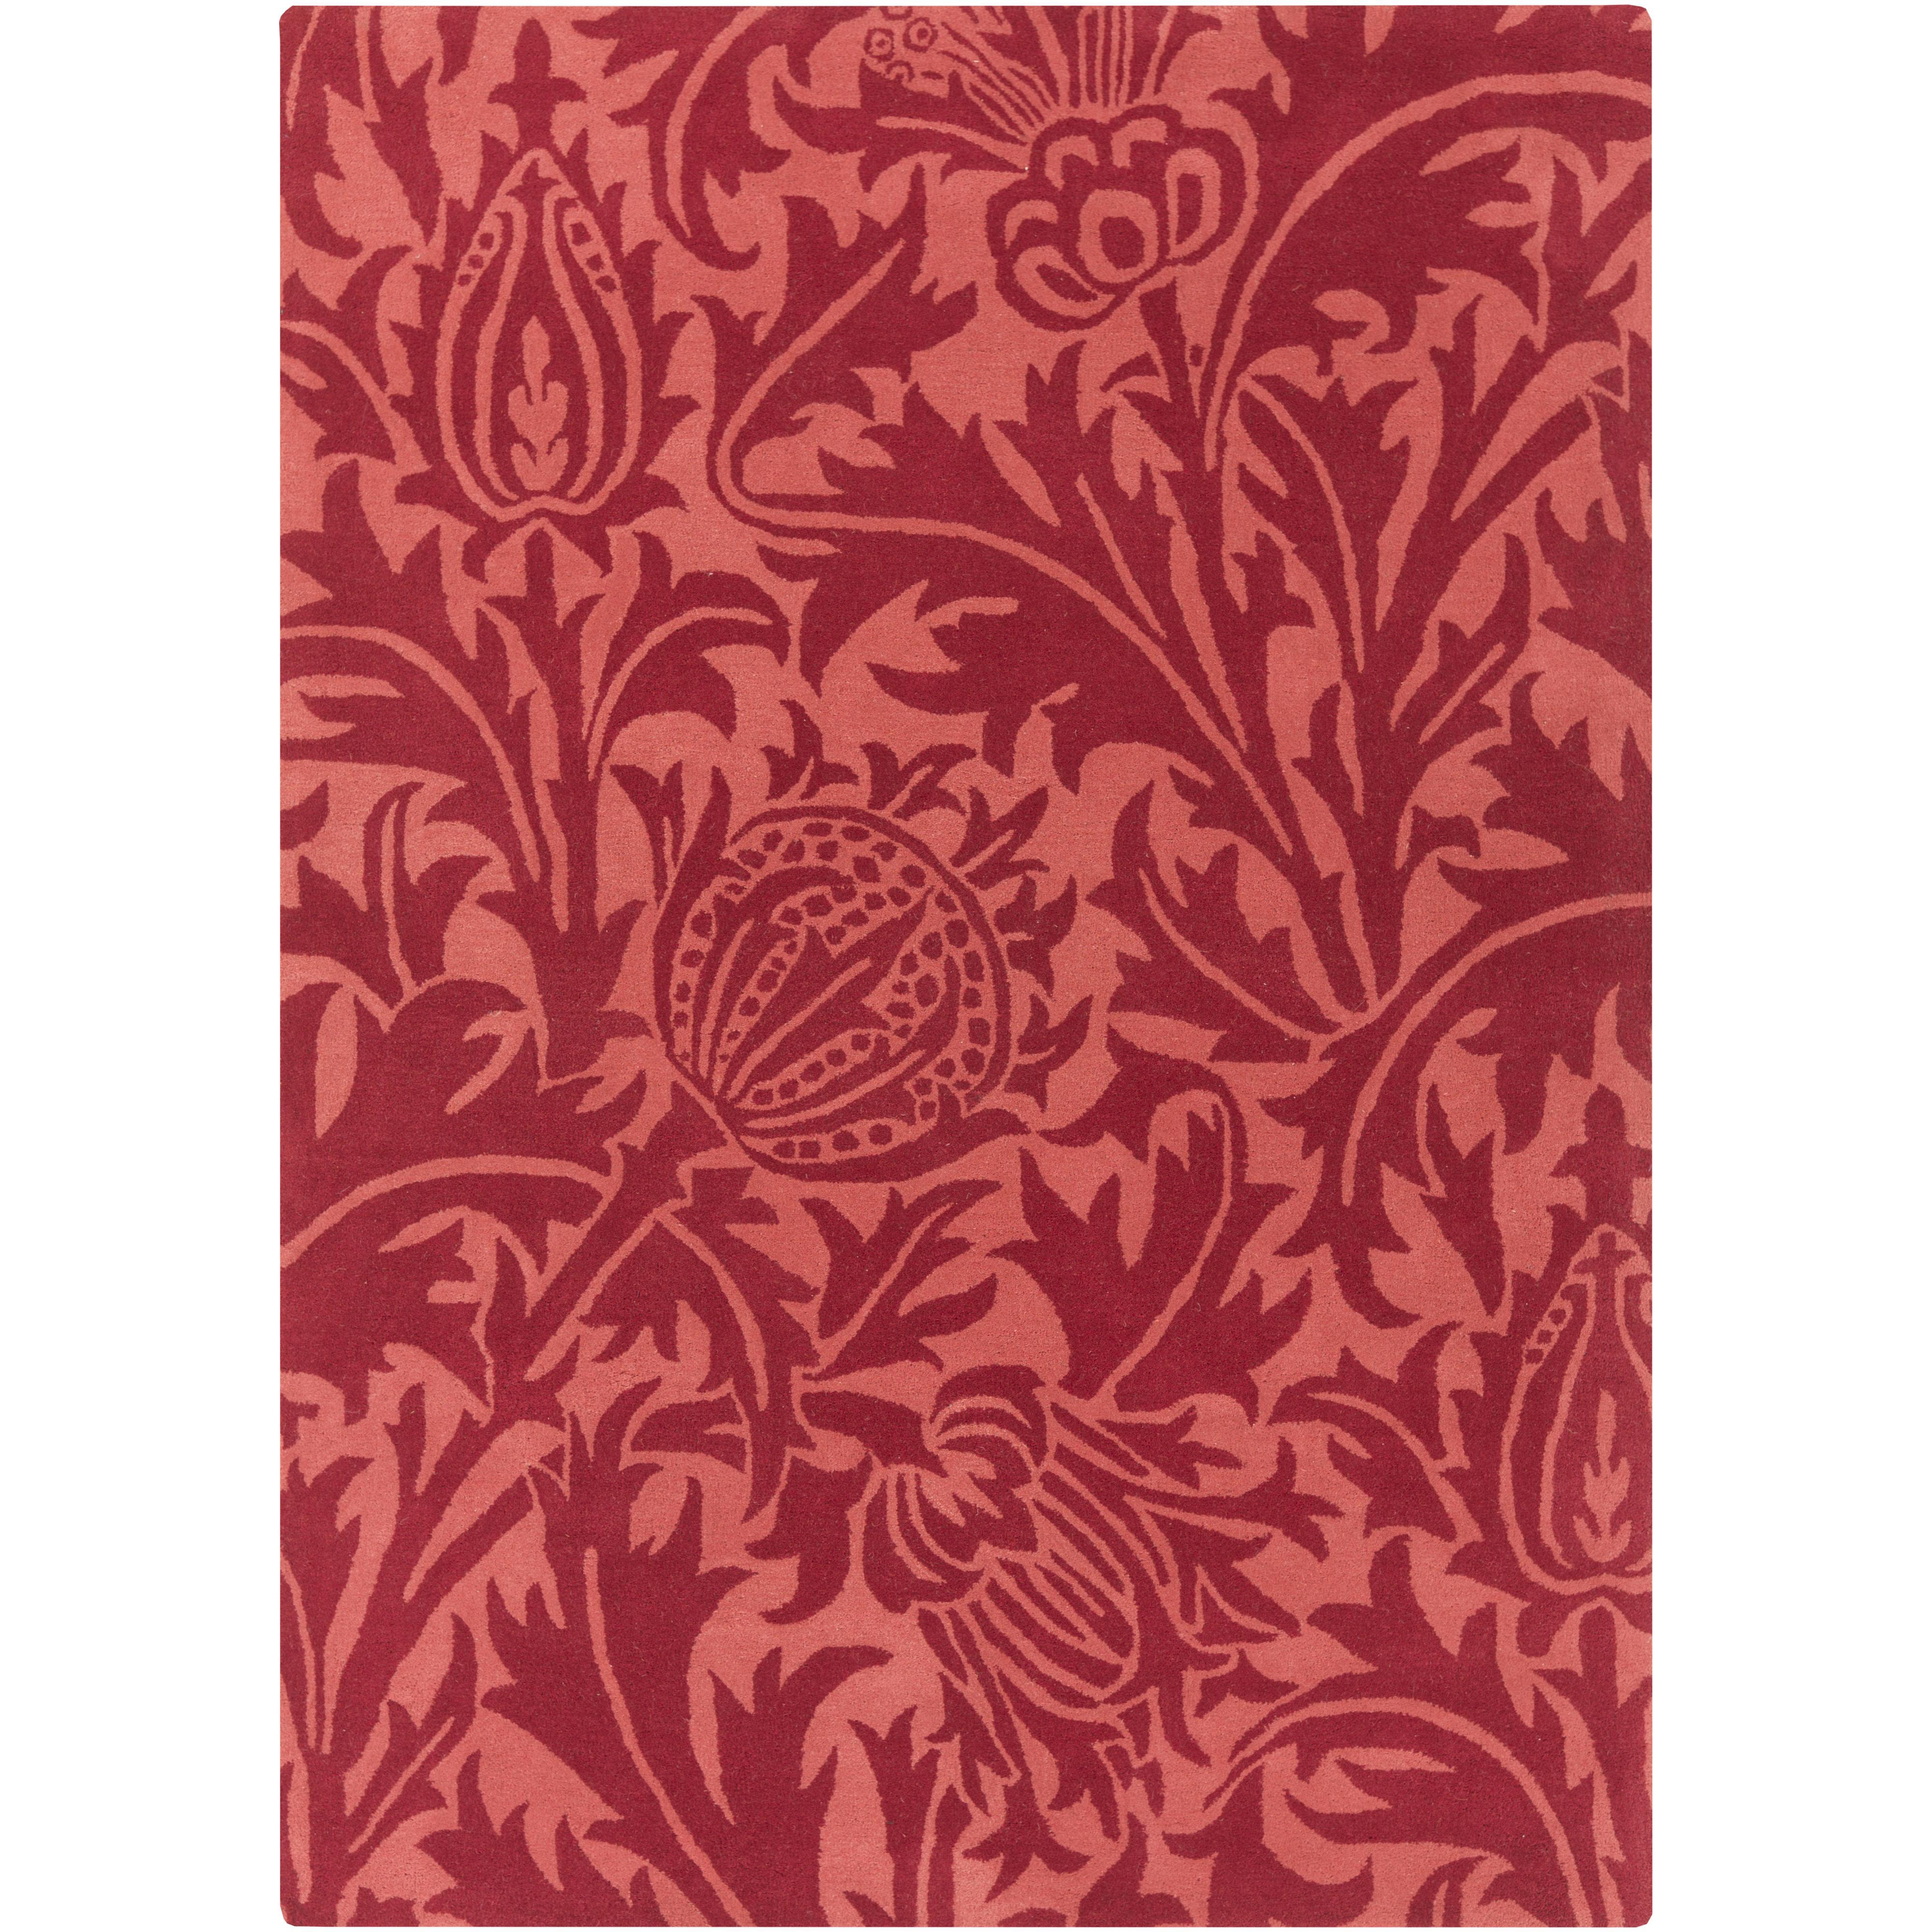 """Surya Rugs William Morris 3'3"""" x 5'3"""" - Item Number: WLM3007-3353"""